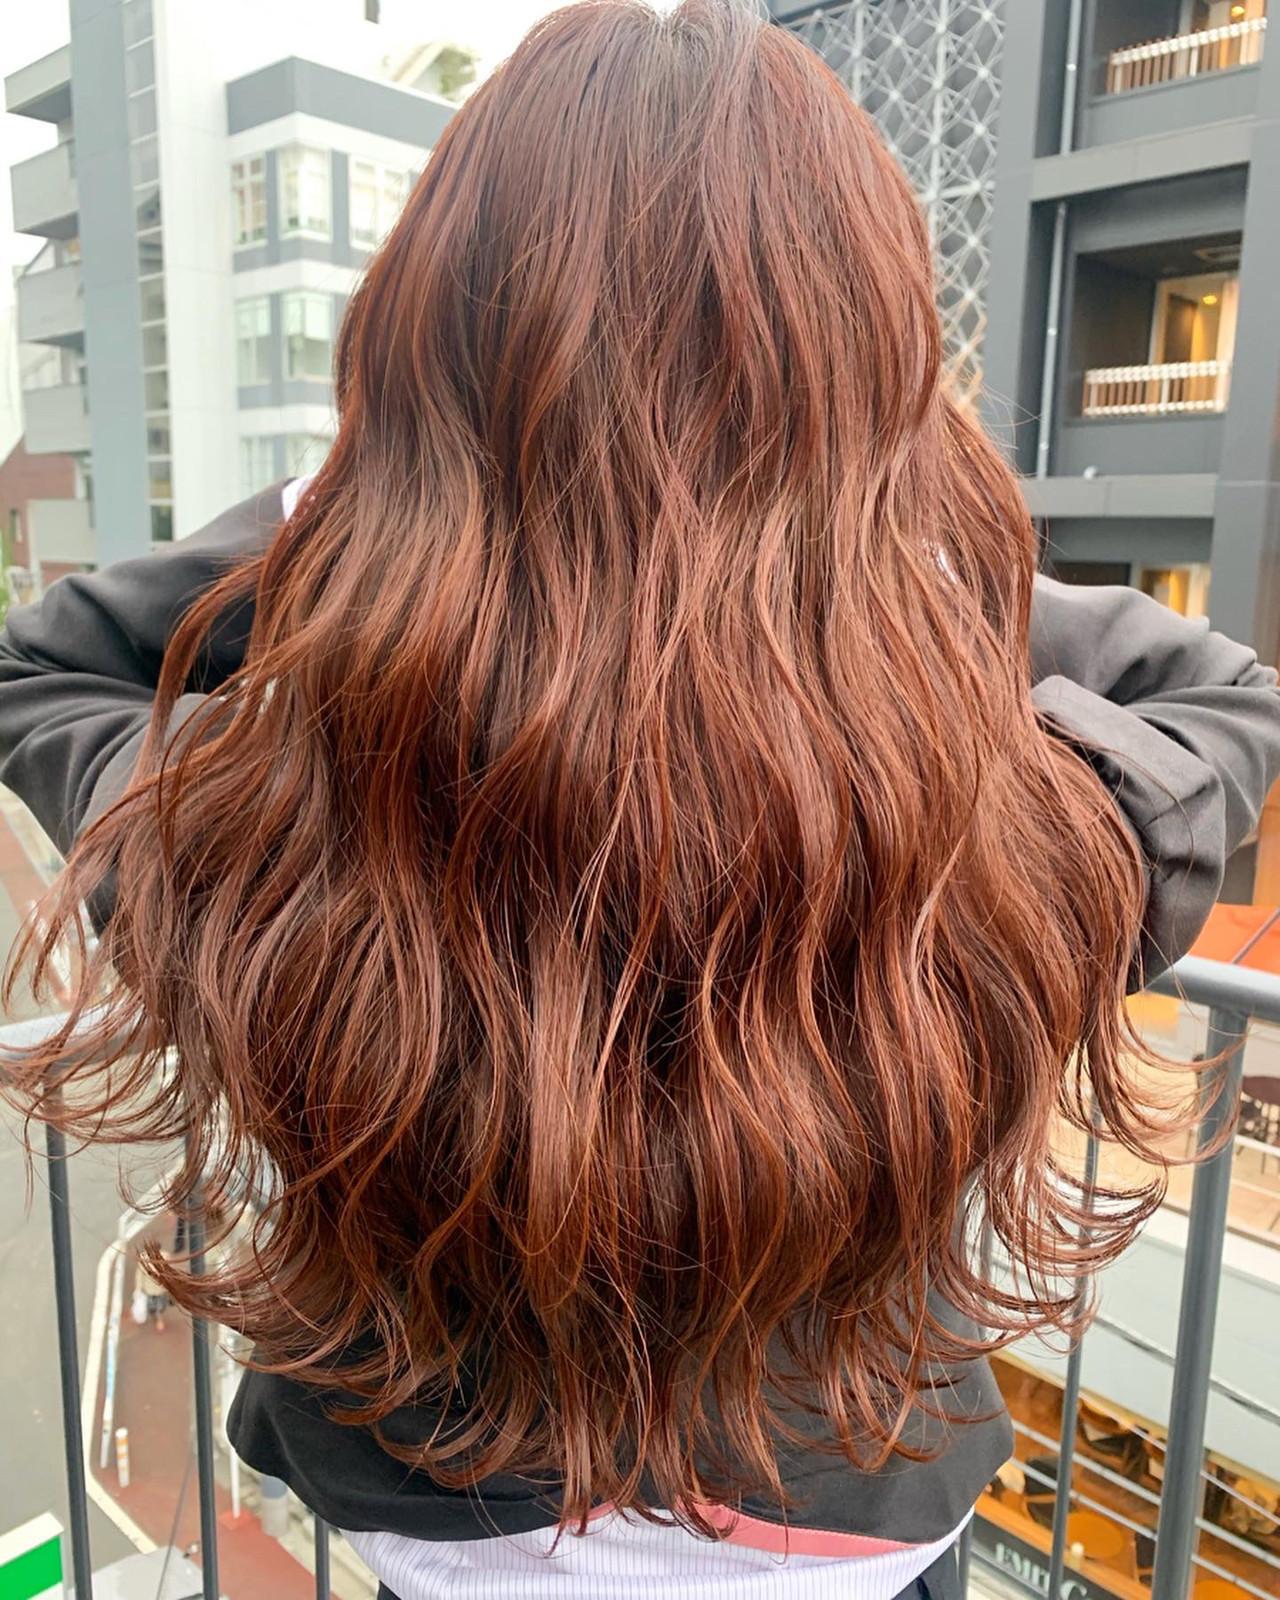 ロング ゆるウェーブ オレンジブラウン ピンクブラウン ヘアスタイルや髪型の写真・画像